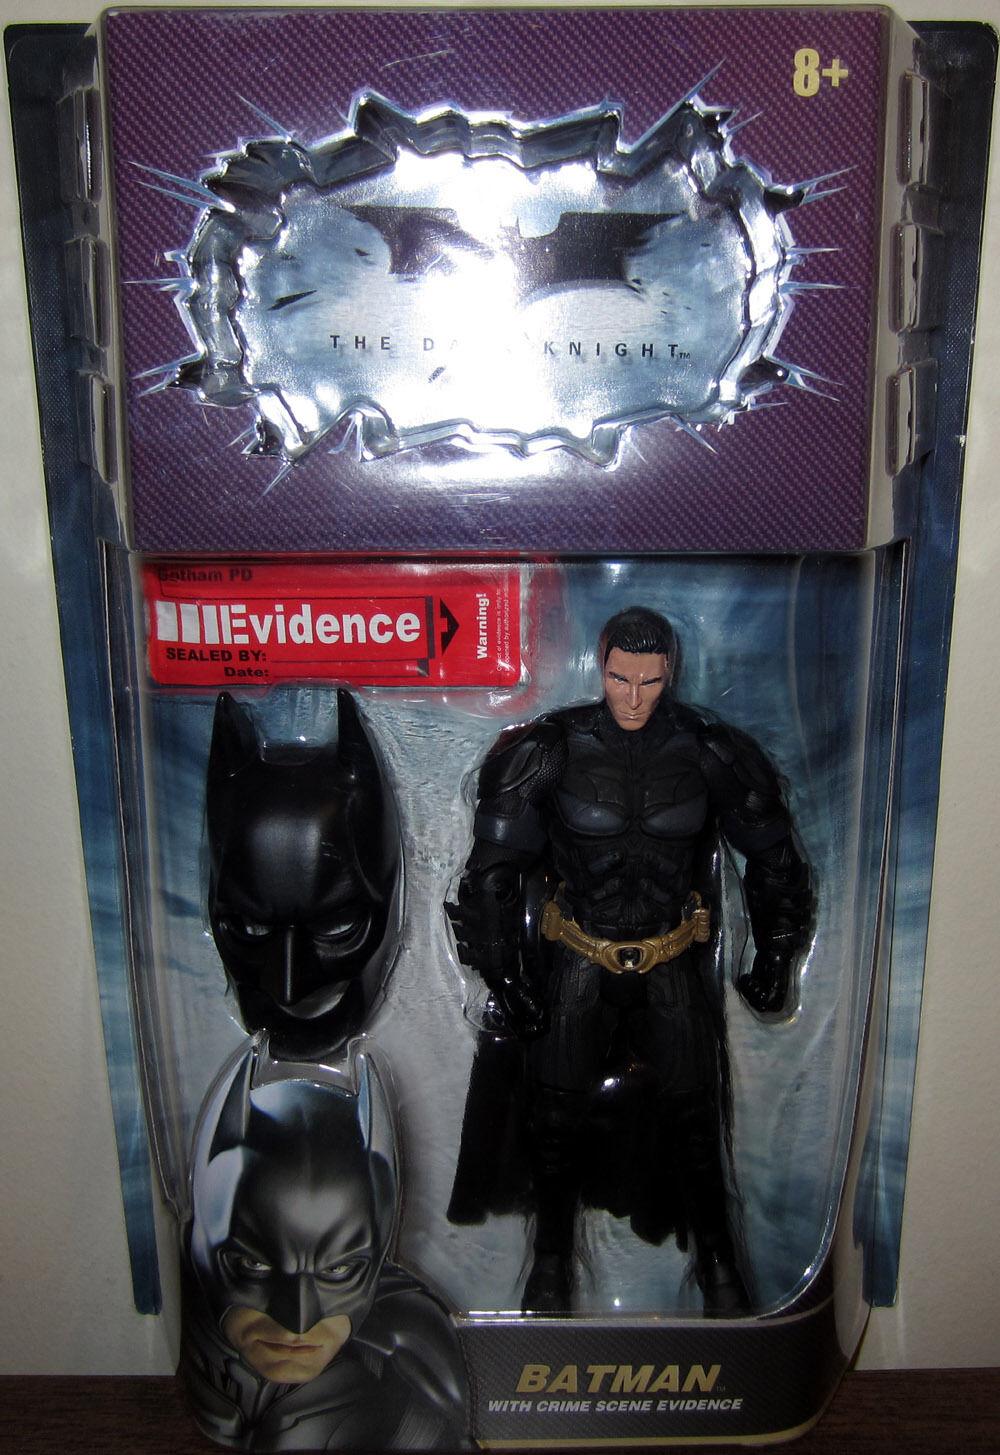 Mip selten entlarvt batman the dark knight dc chase abbildung tatort beweise.